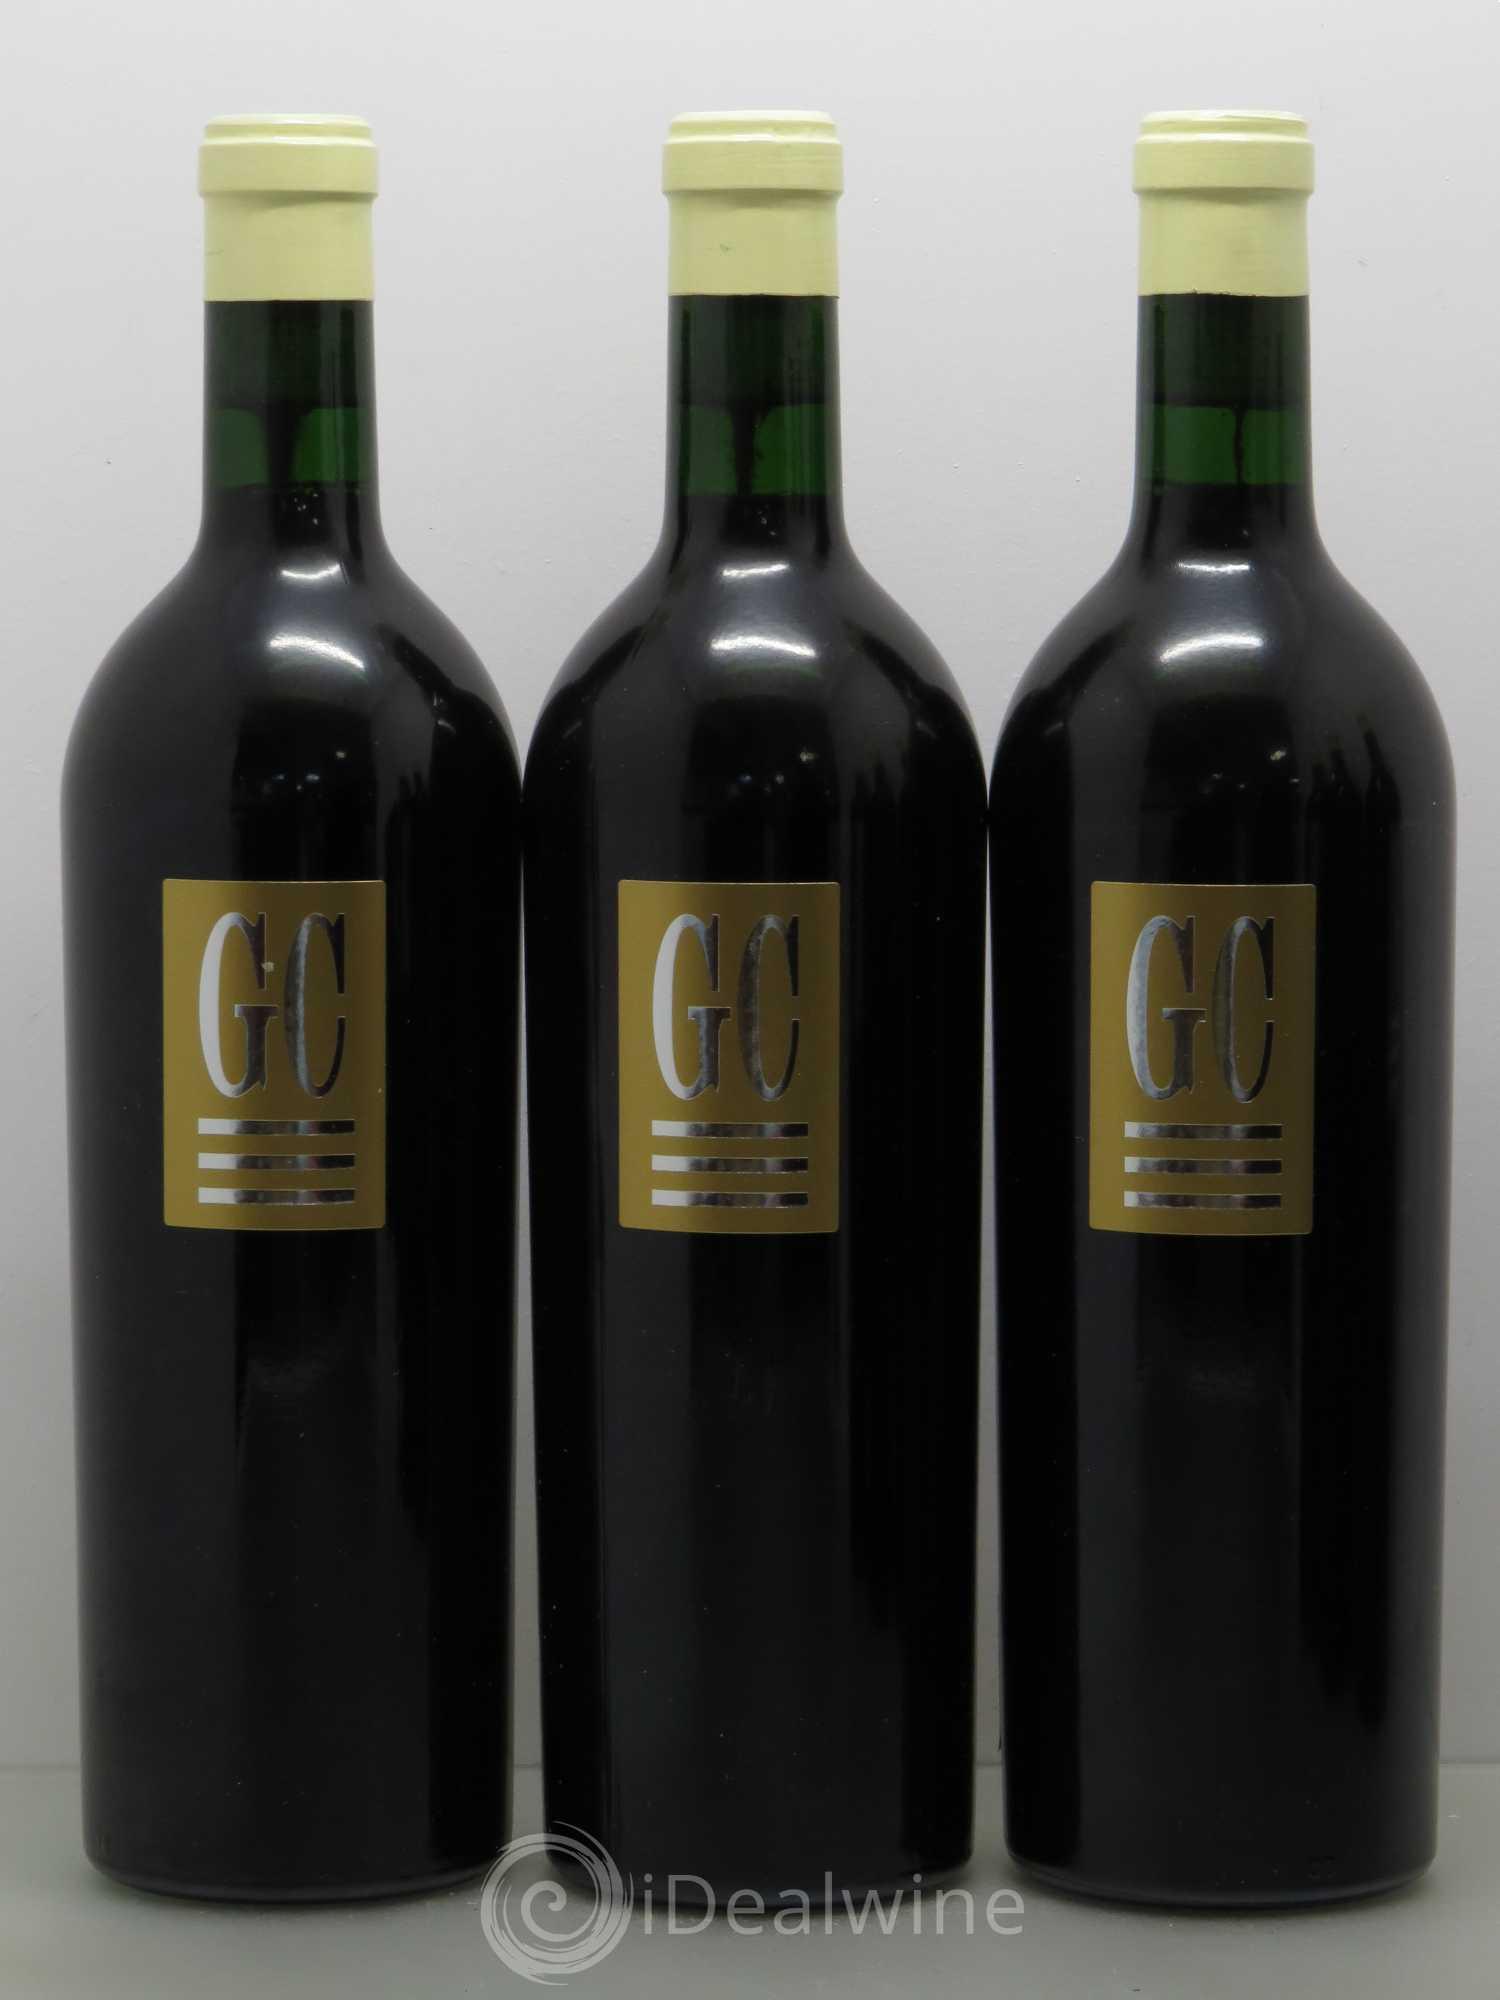 Acheter cahors ch teau du c dre gc 2002 lot 617 for Prix du cedre rouge